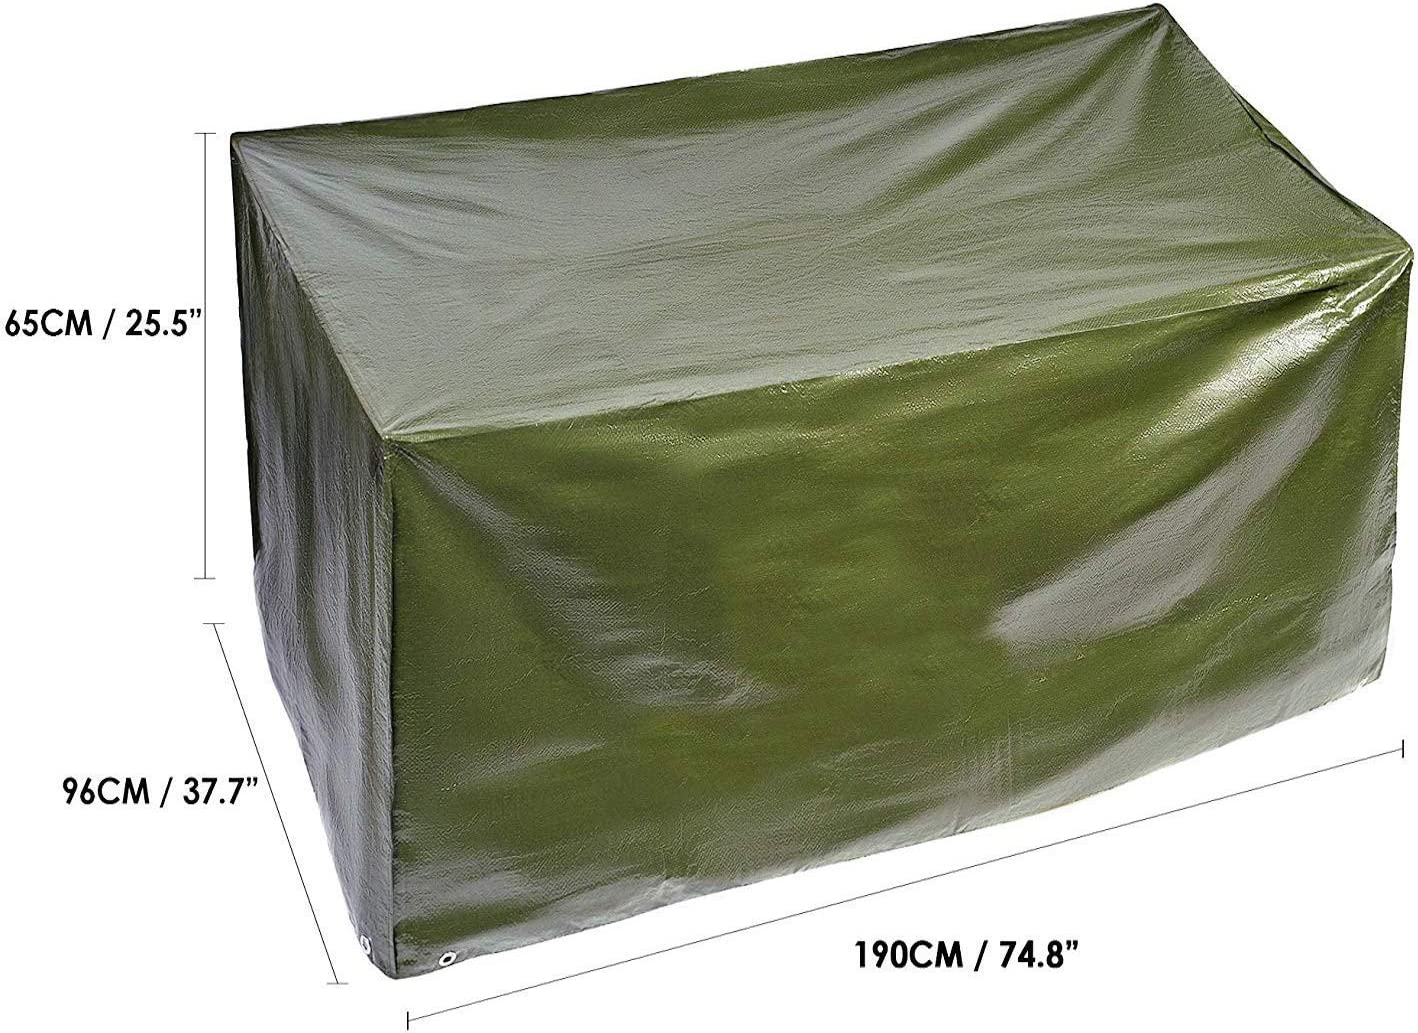 BRAMBLE! Funda para Muebles de Jardín Exterior, Rectangular 190x96x H65cm| Impermeable, Anti-UV, Resistente, Ligero y Fuerte| Cubierta Protección Exterior para Mesa Sillas Sofás.